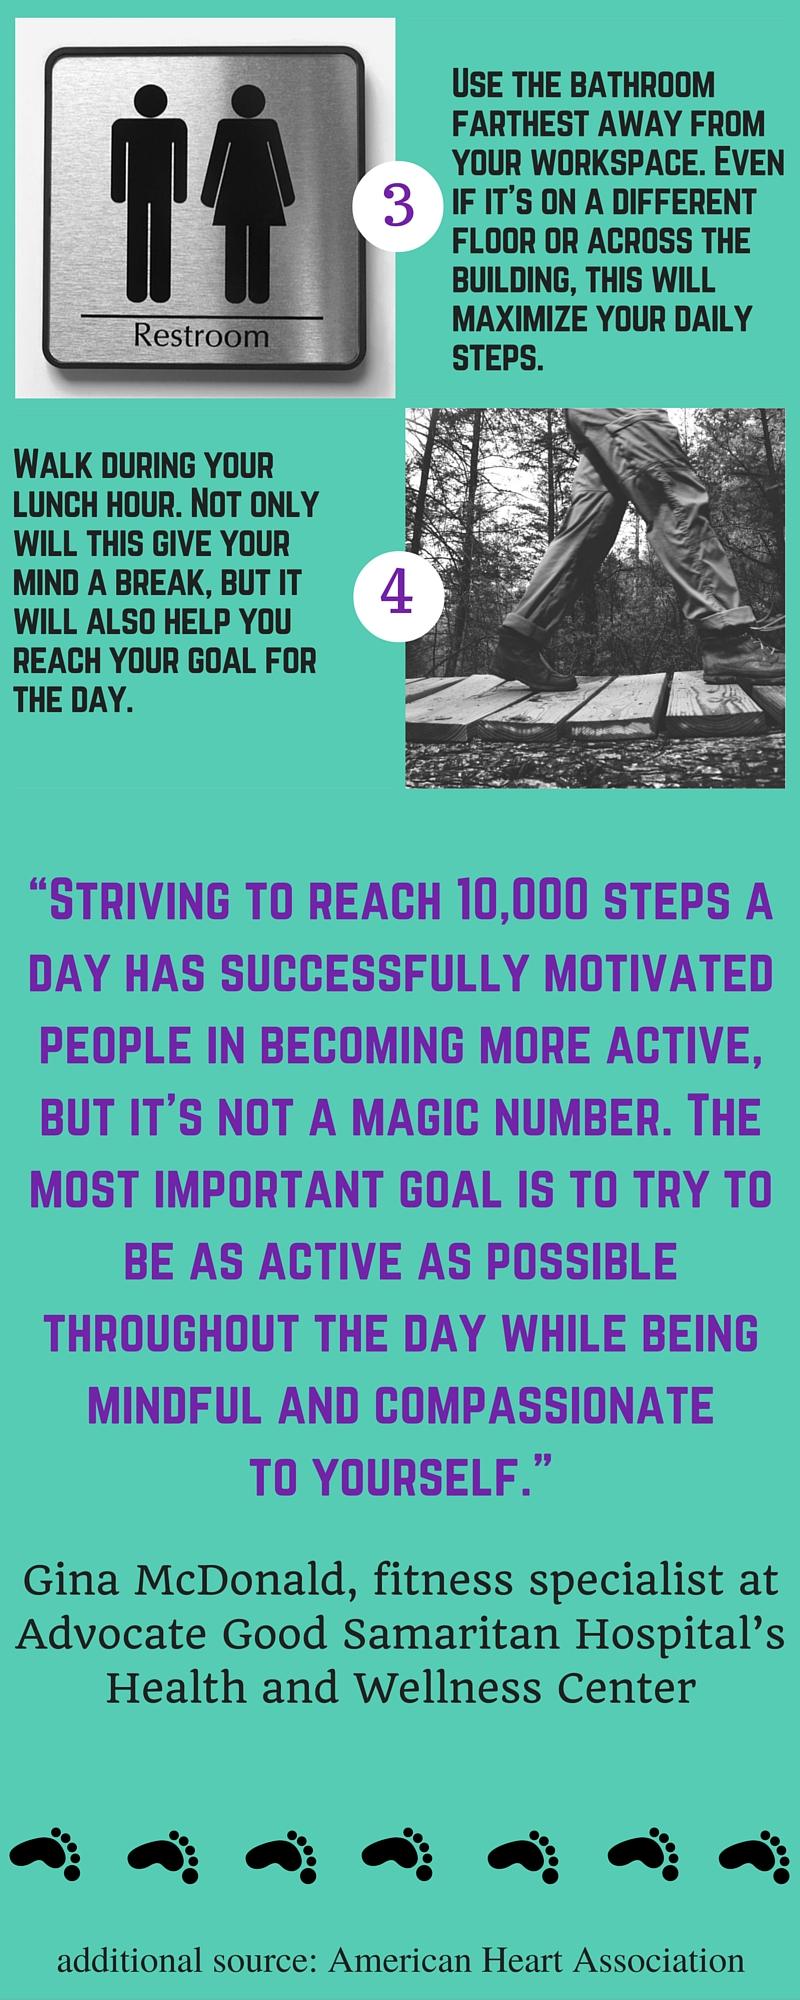 10,000 steps part 2